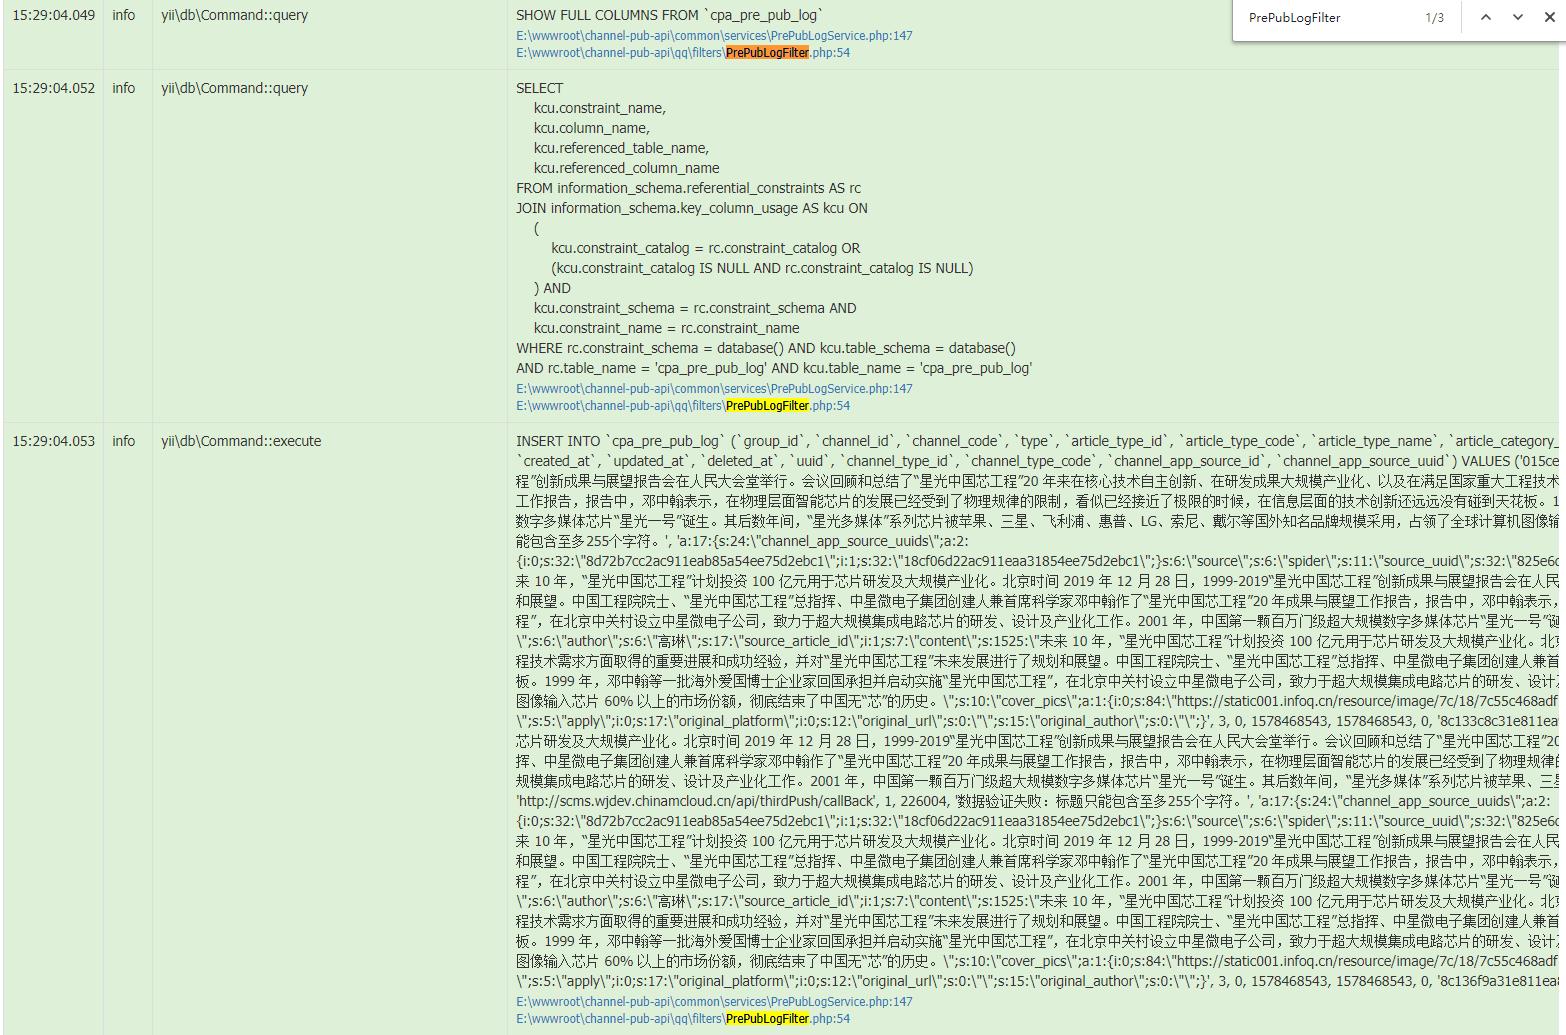 查看:Log Messages,已执行到过滤器方法:afterAction($action, $result)